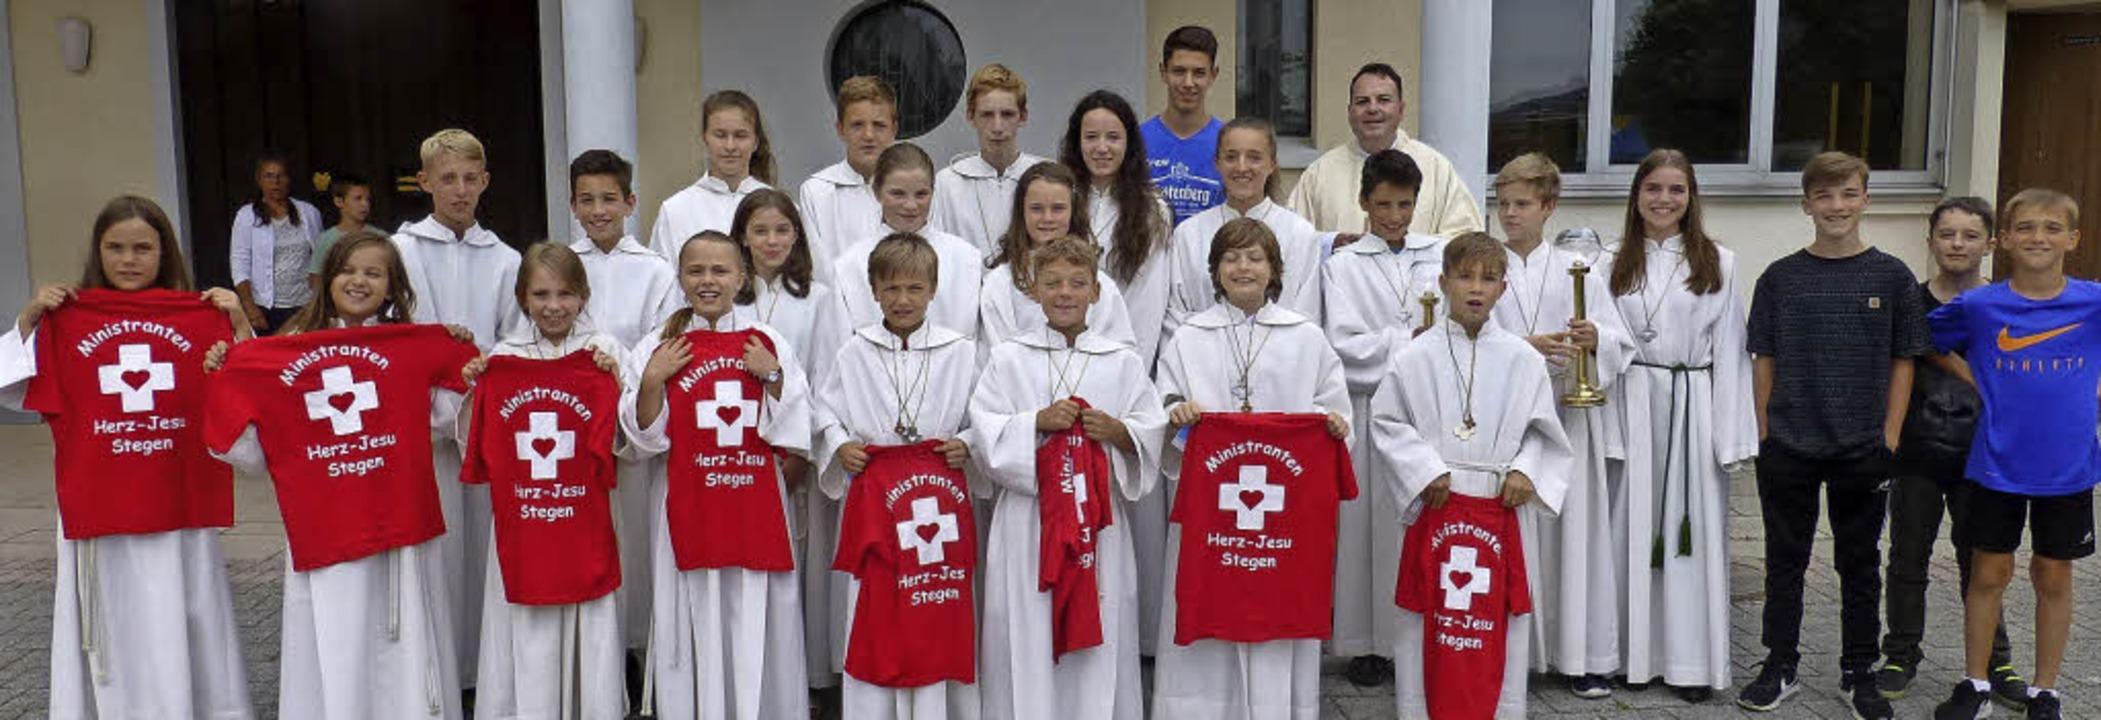 Acht Jungen und Mädchen wurden jetzt i...gen ins Ministrantenteam aufgenommen.     Foto: Himmelsbach